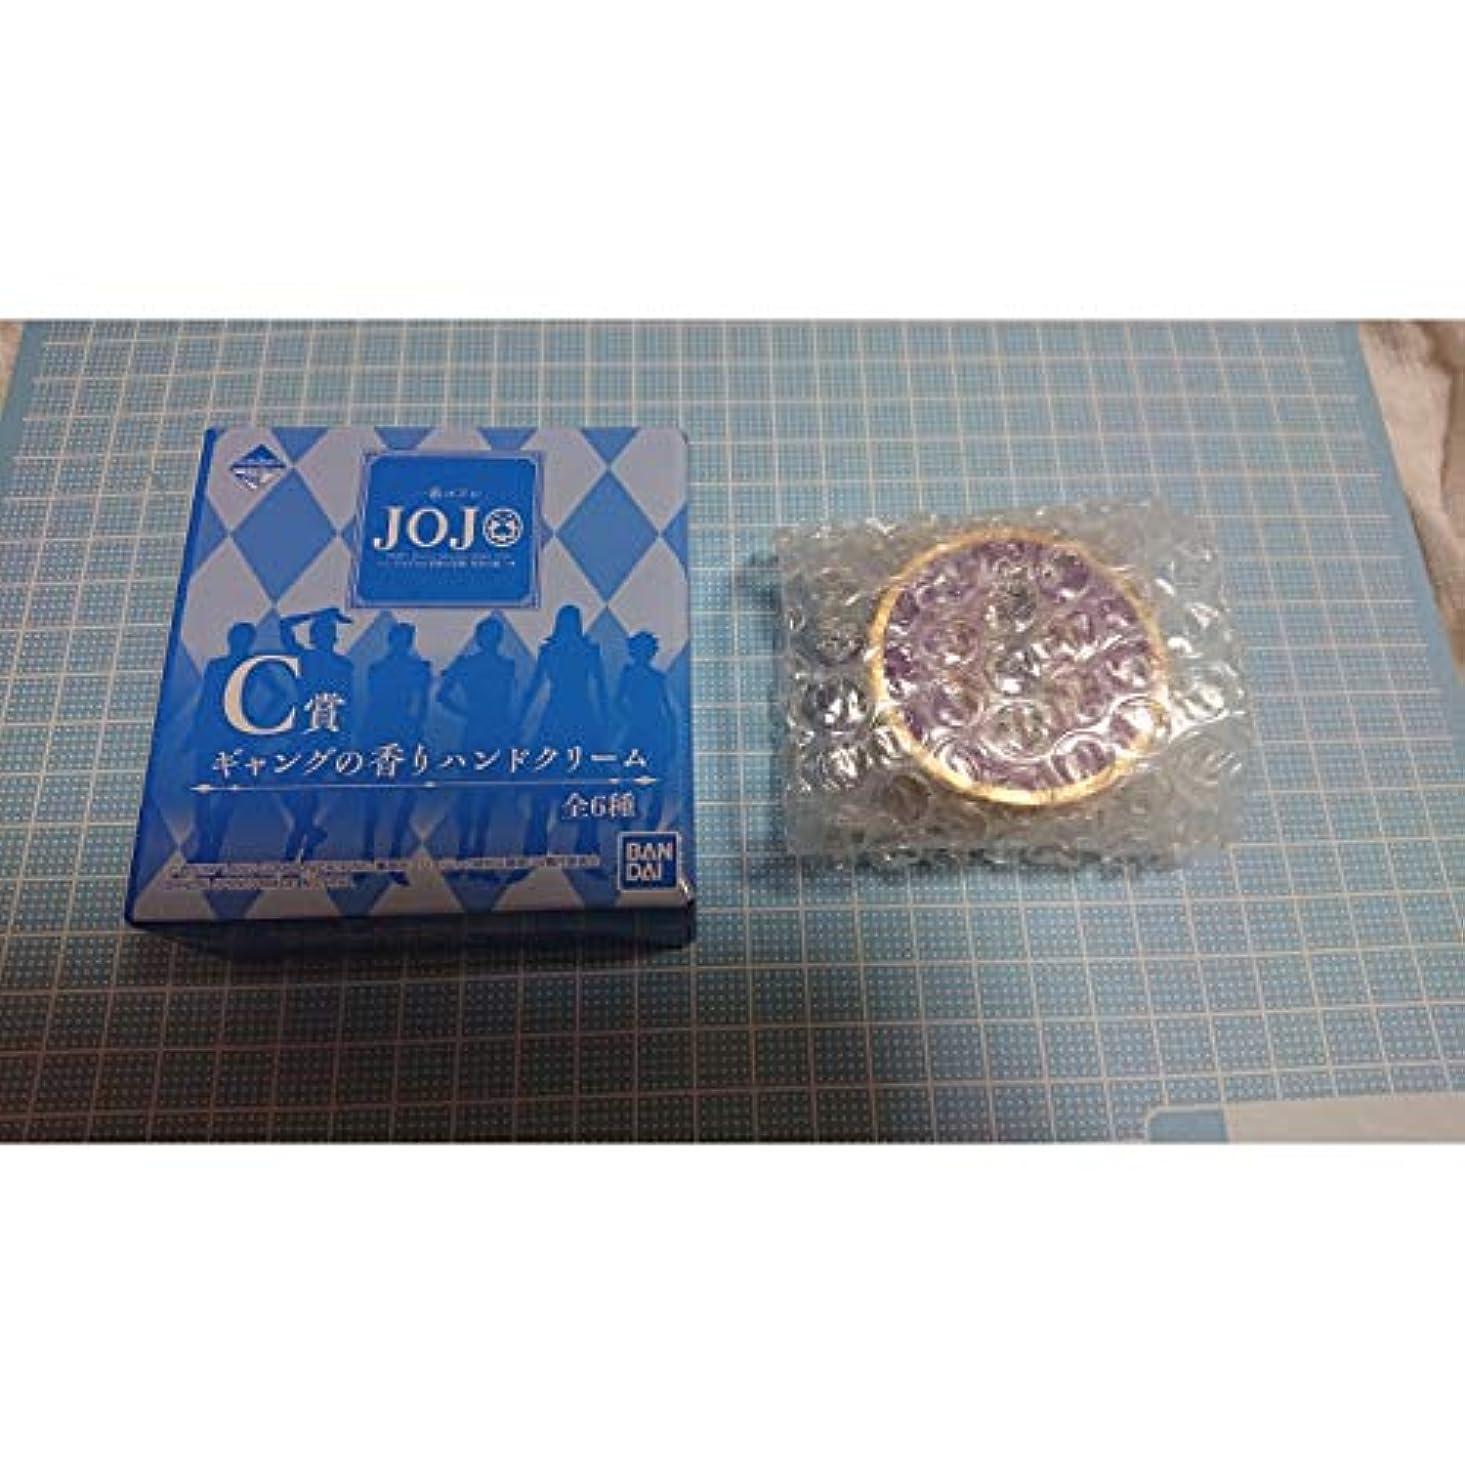 針豆腐意識一番コフレ C賞 ハンドクリーム アバッキオ